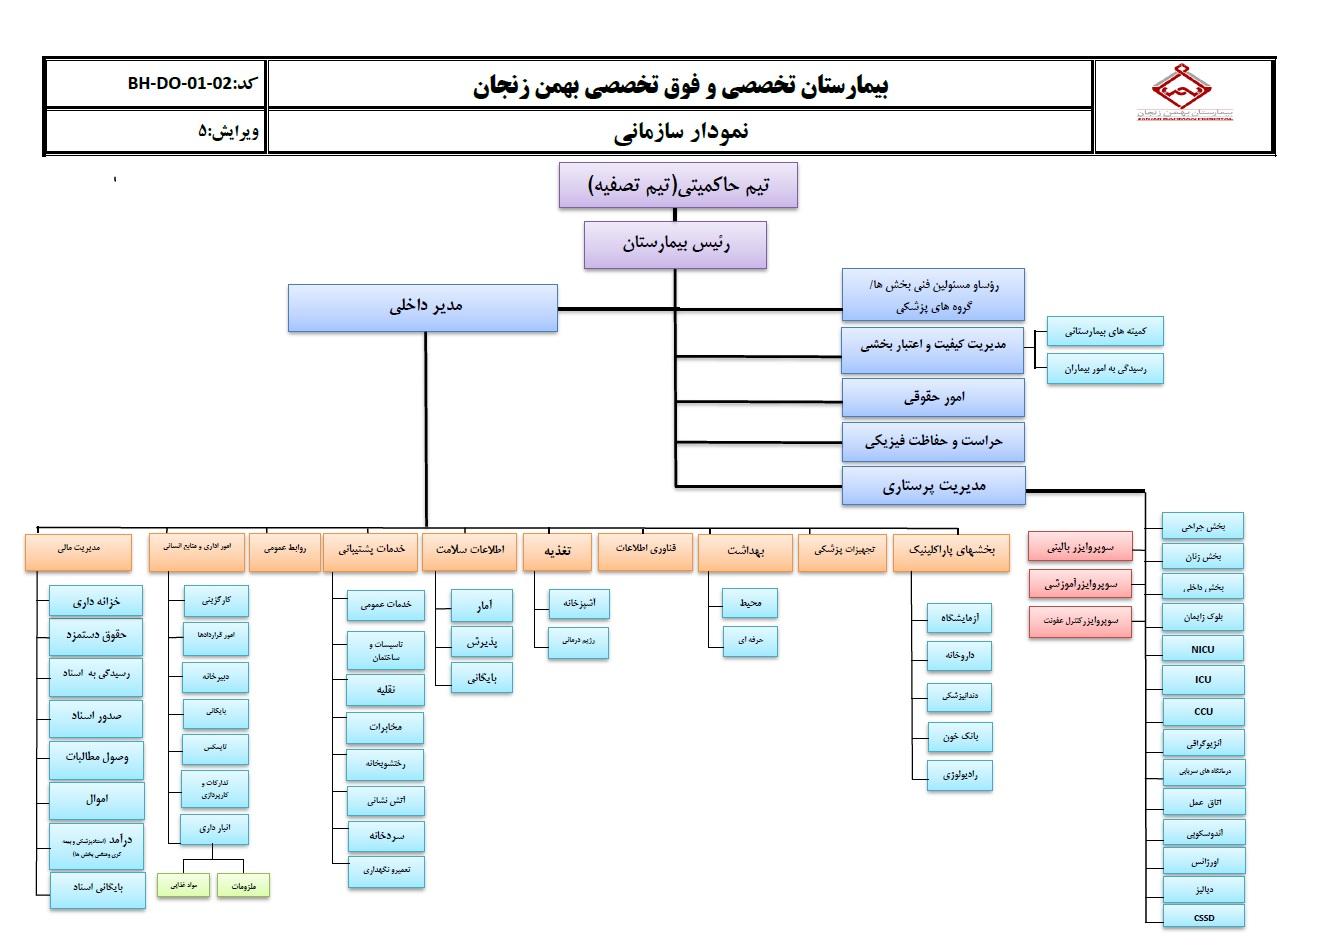 ZBH-chart bcd07